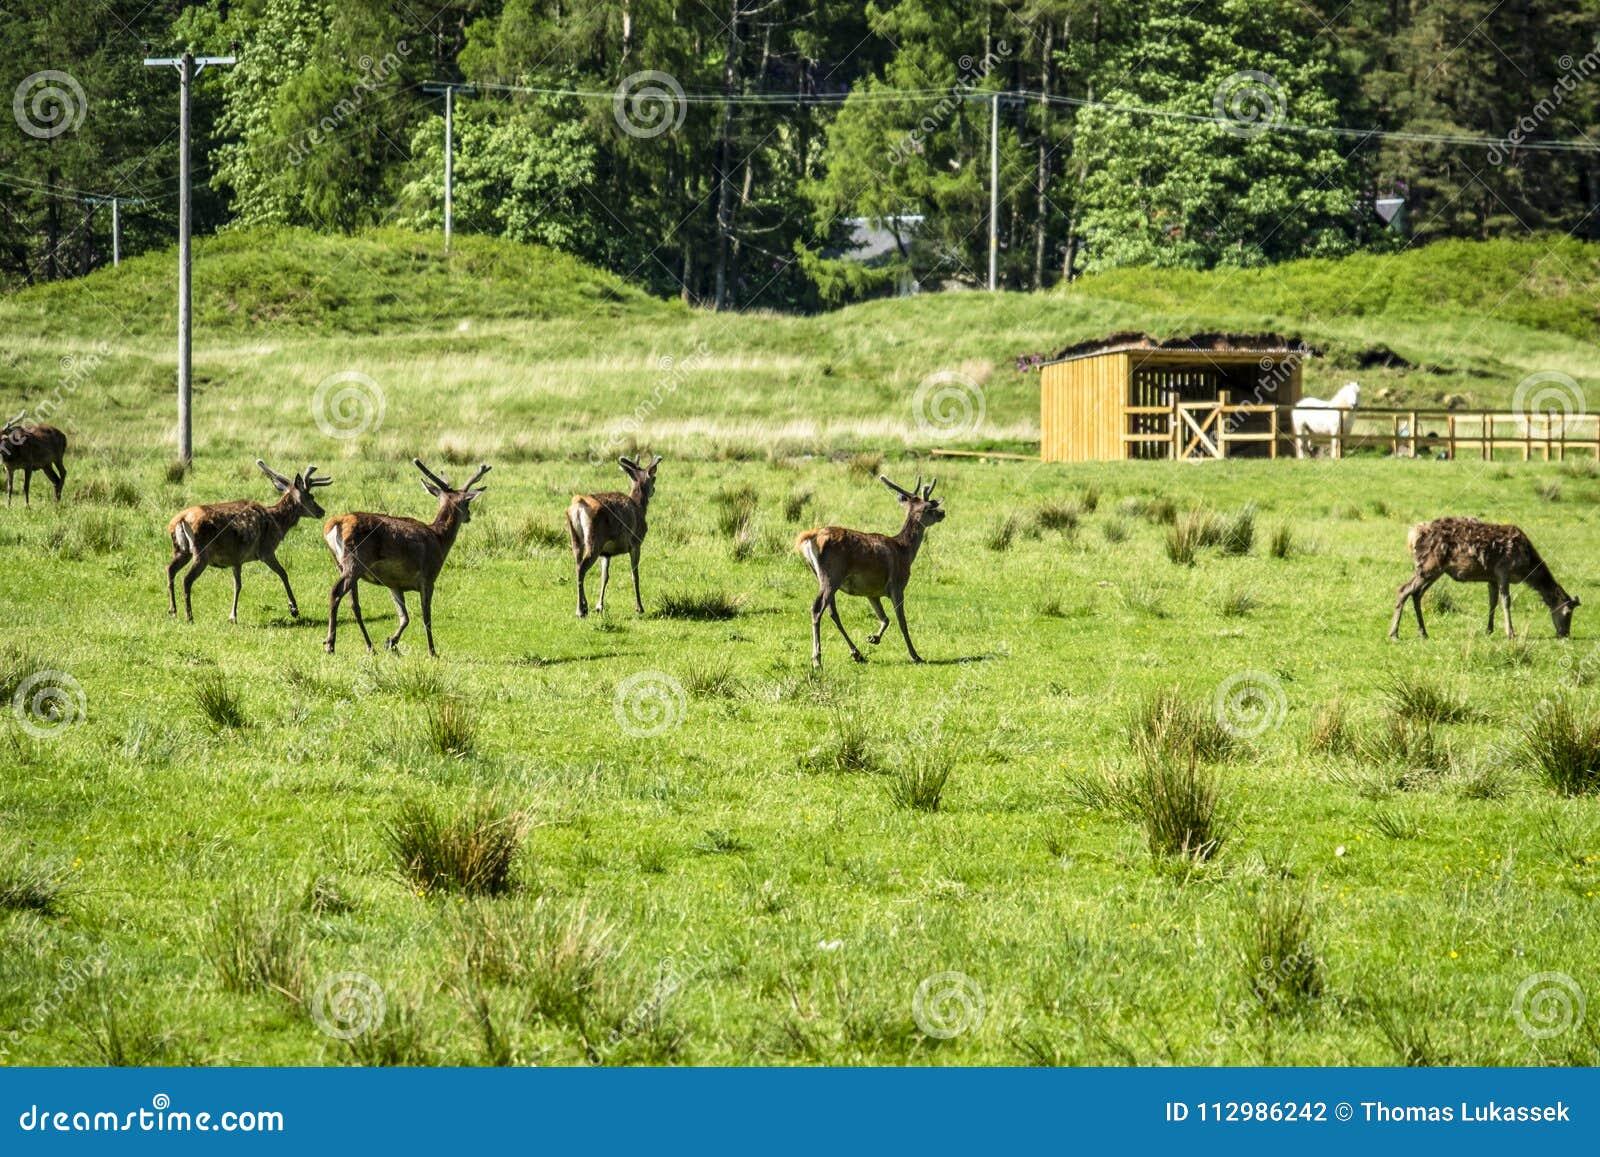 Herd of deers in the scottish highlands